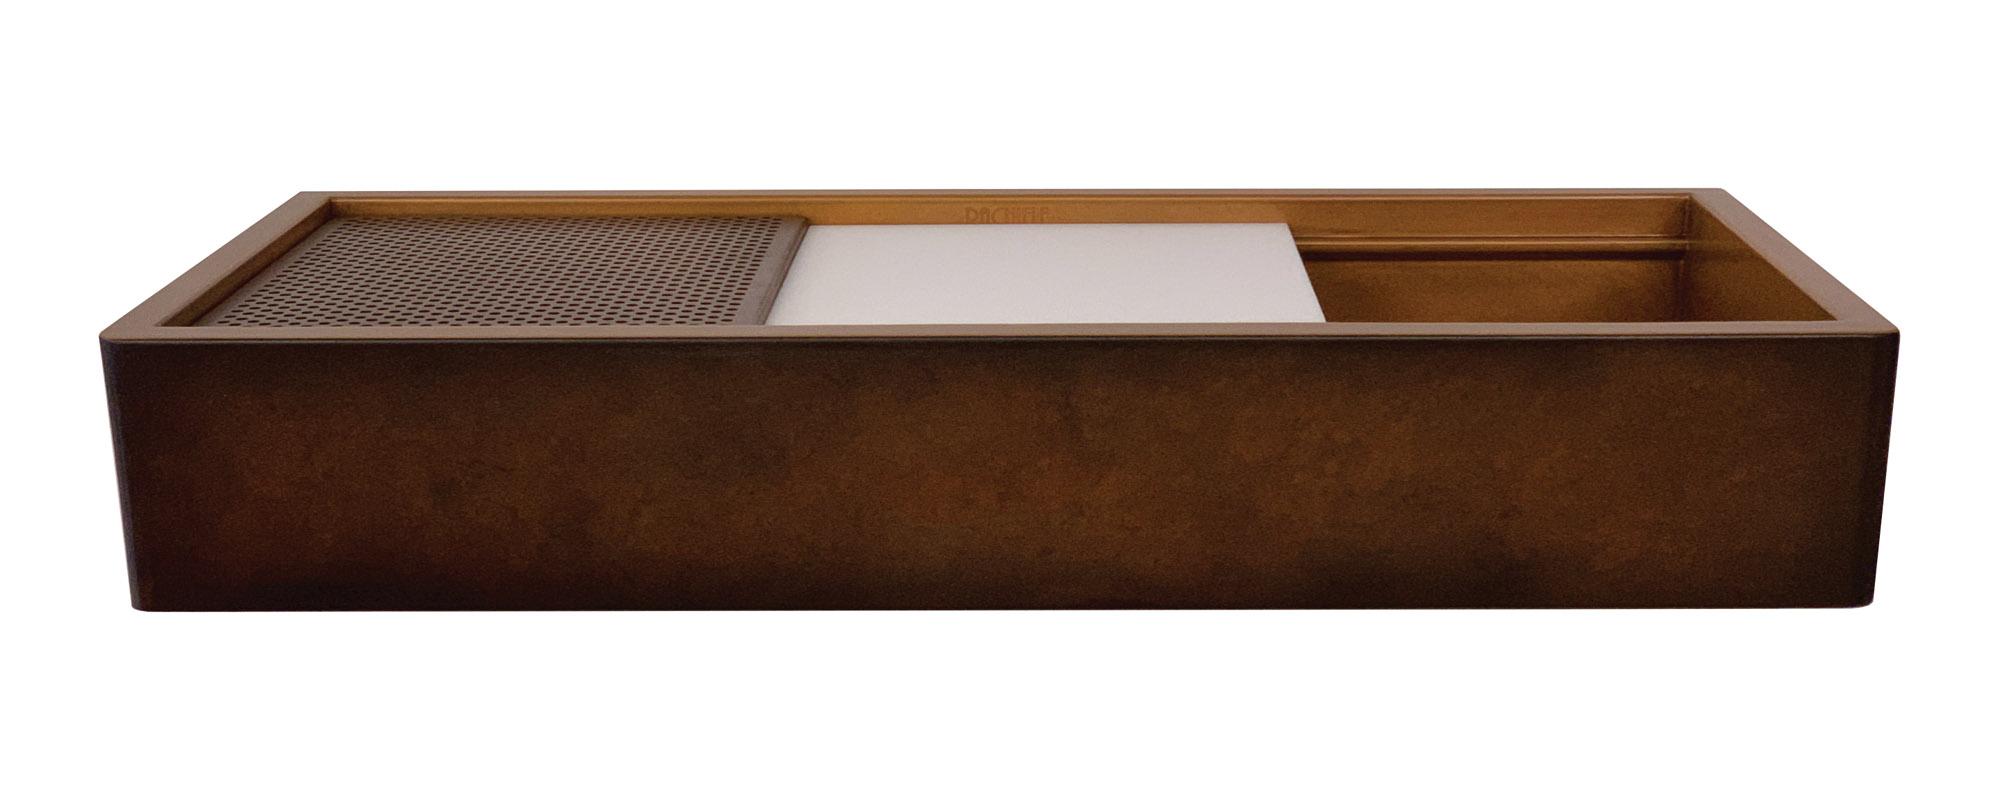 ADA-compliant sink from Rachiele